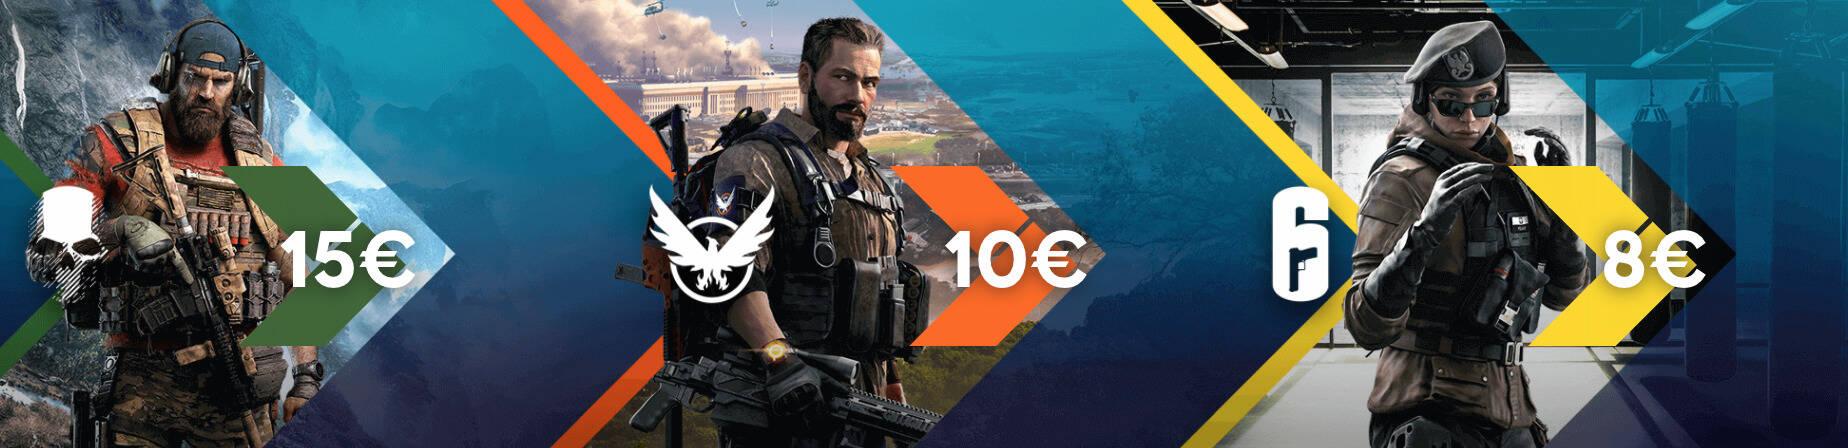 banner giochi ubisoft in promozione